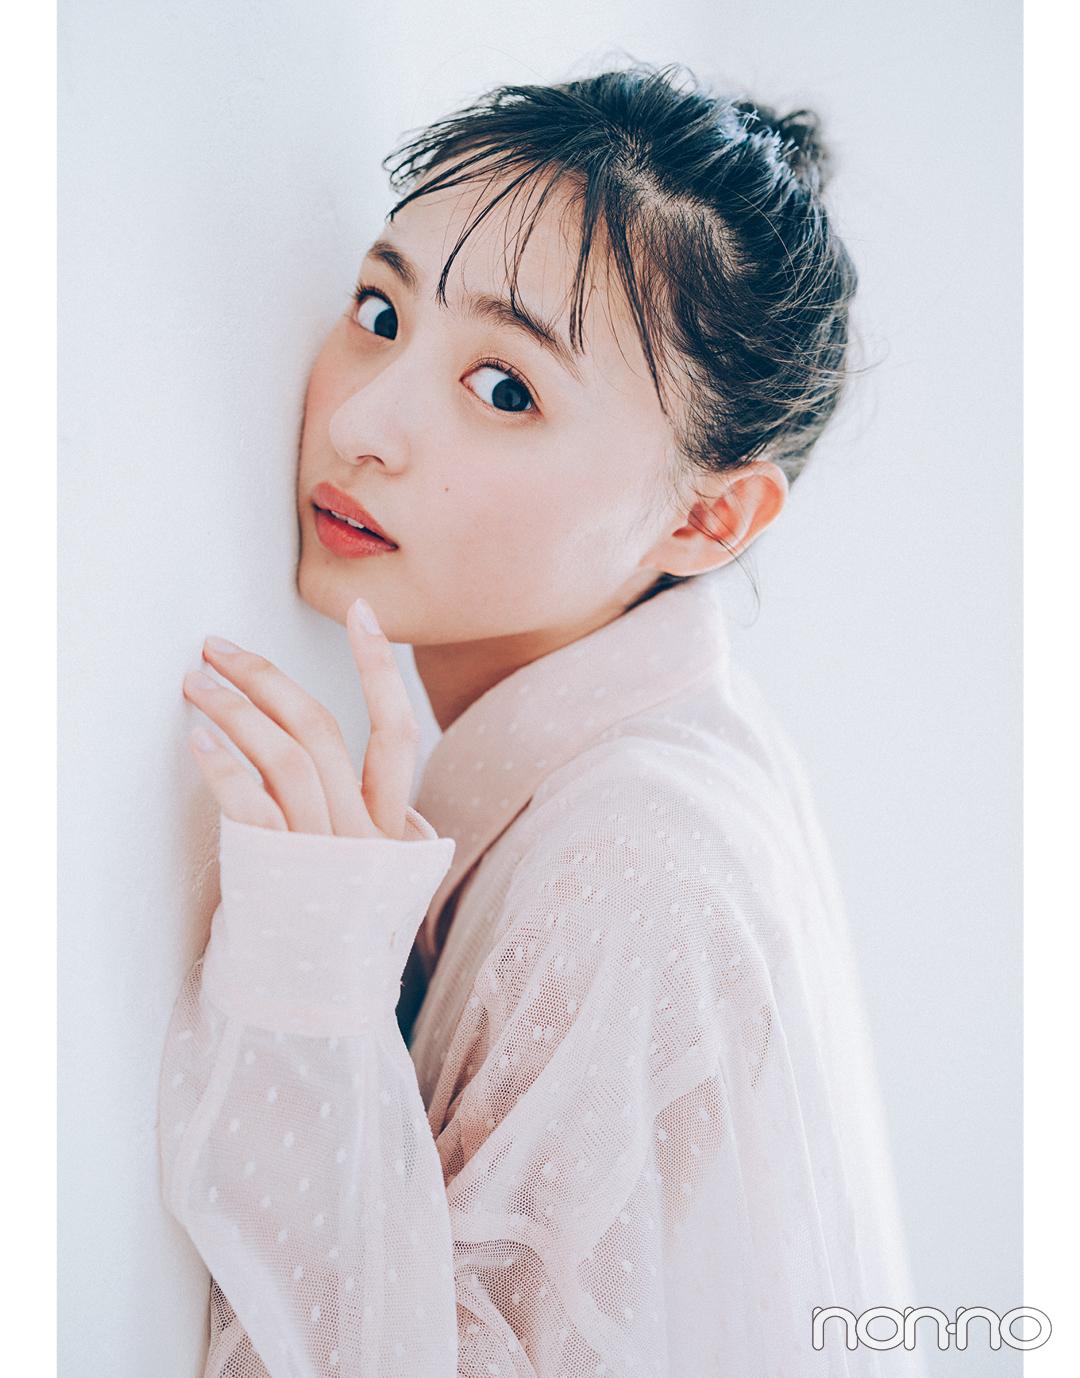 遠藤さくら主演「夏のピンクはエモーショナル」完全版を公開!_1_11